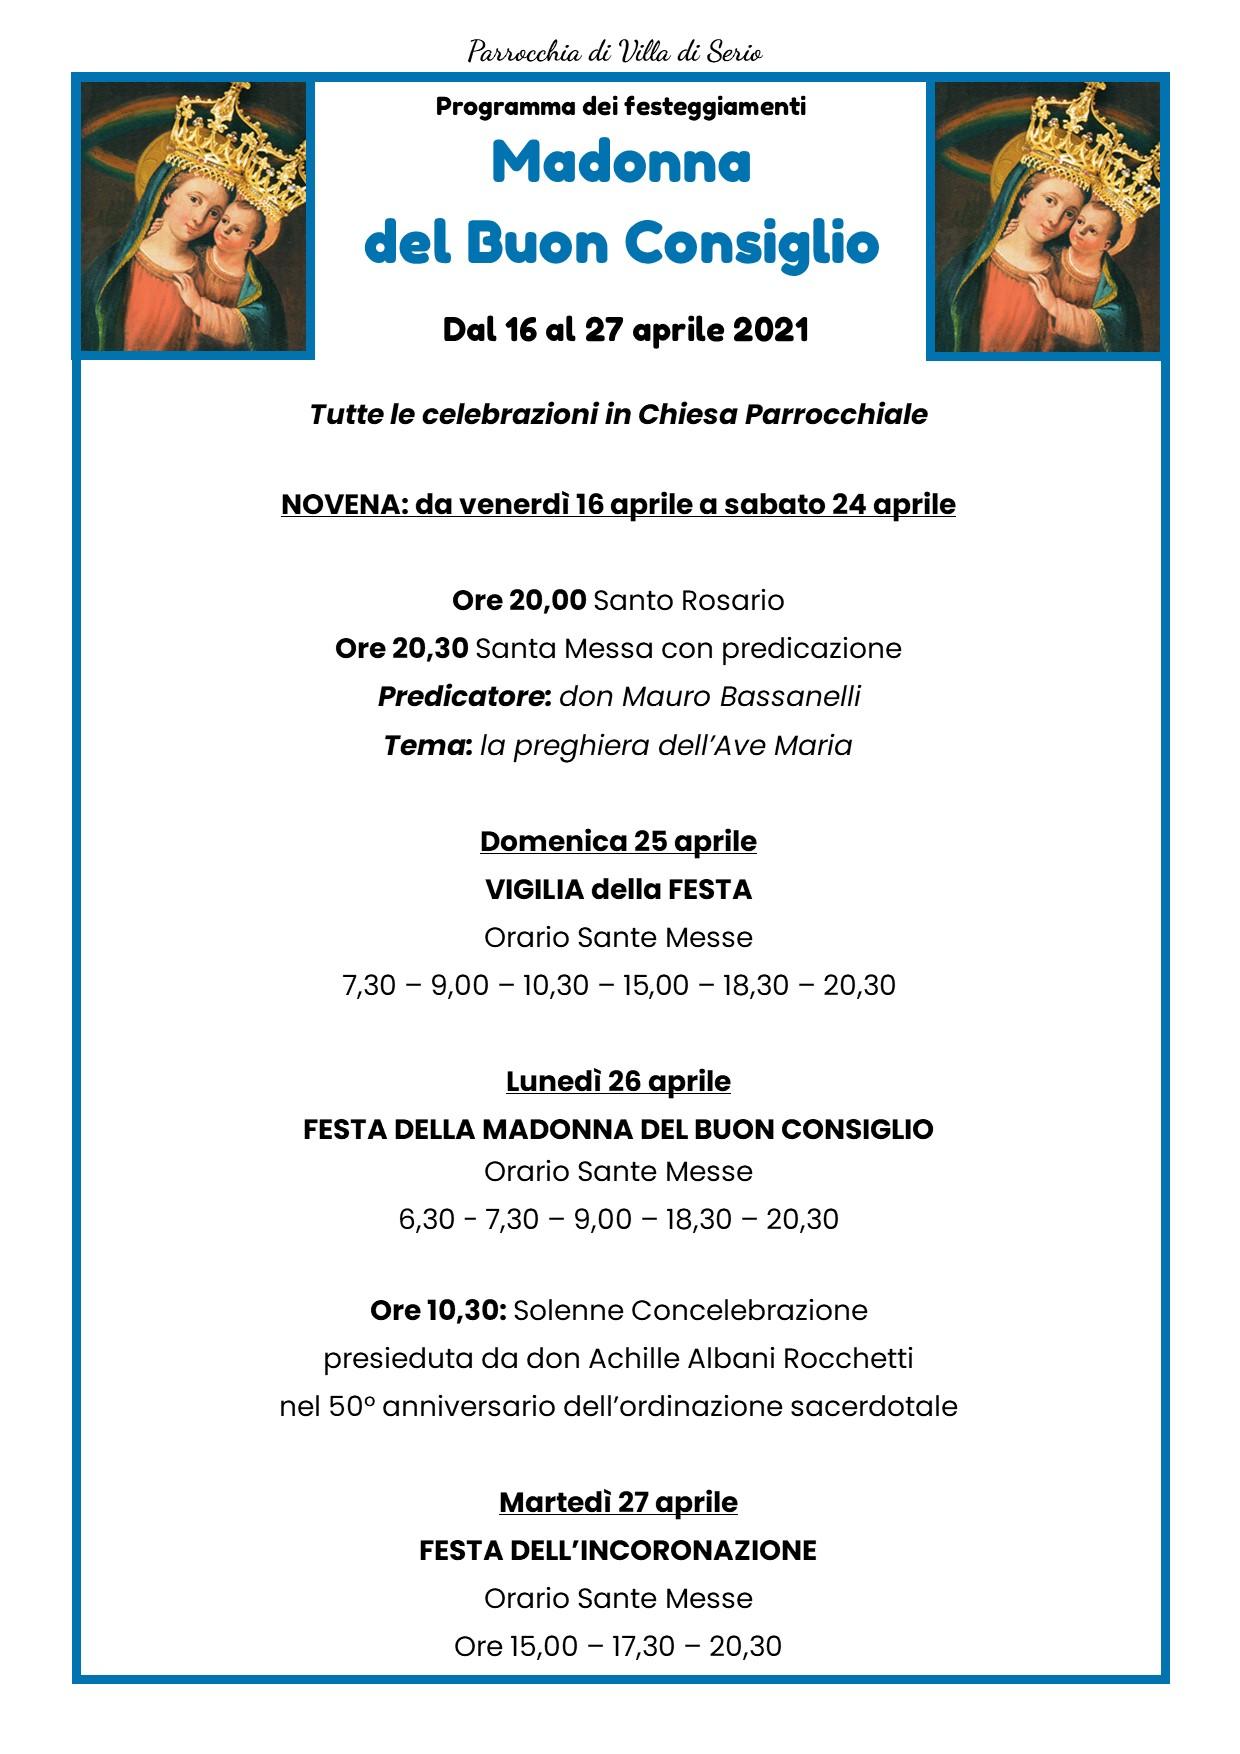 Programma Festa della Madonna 2021 villa di serio